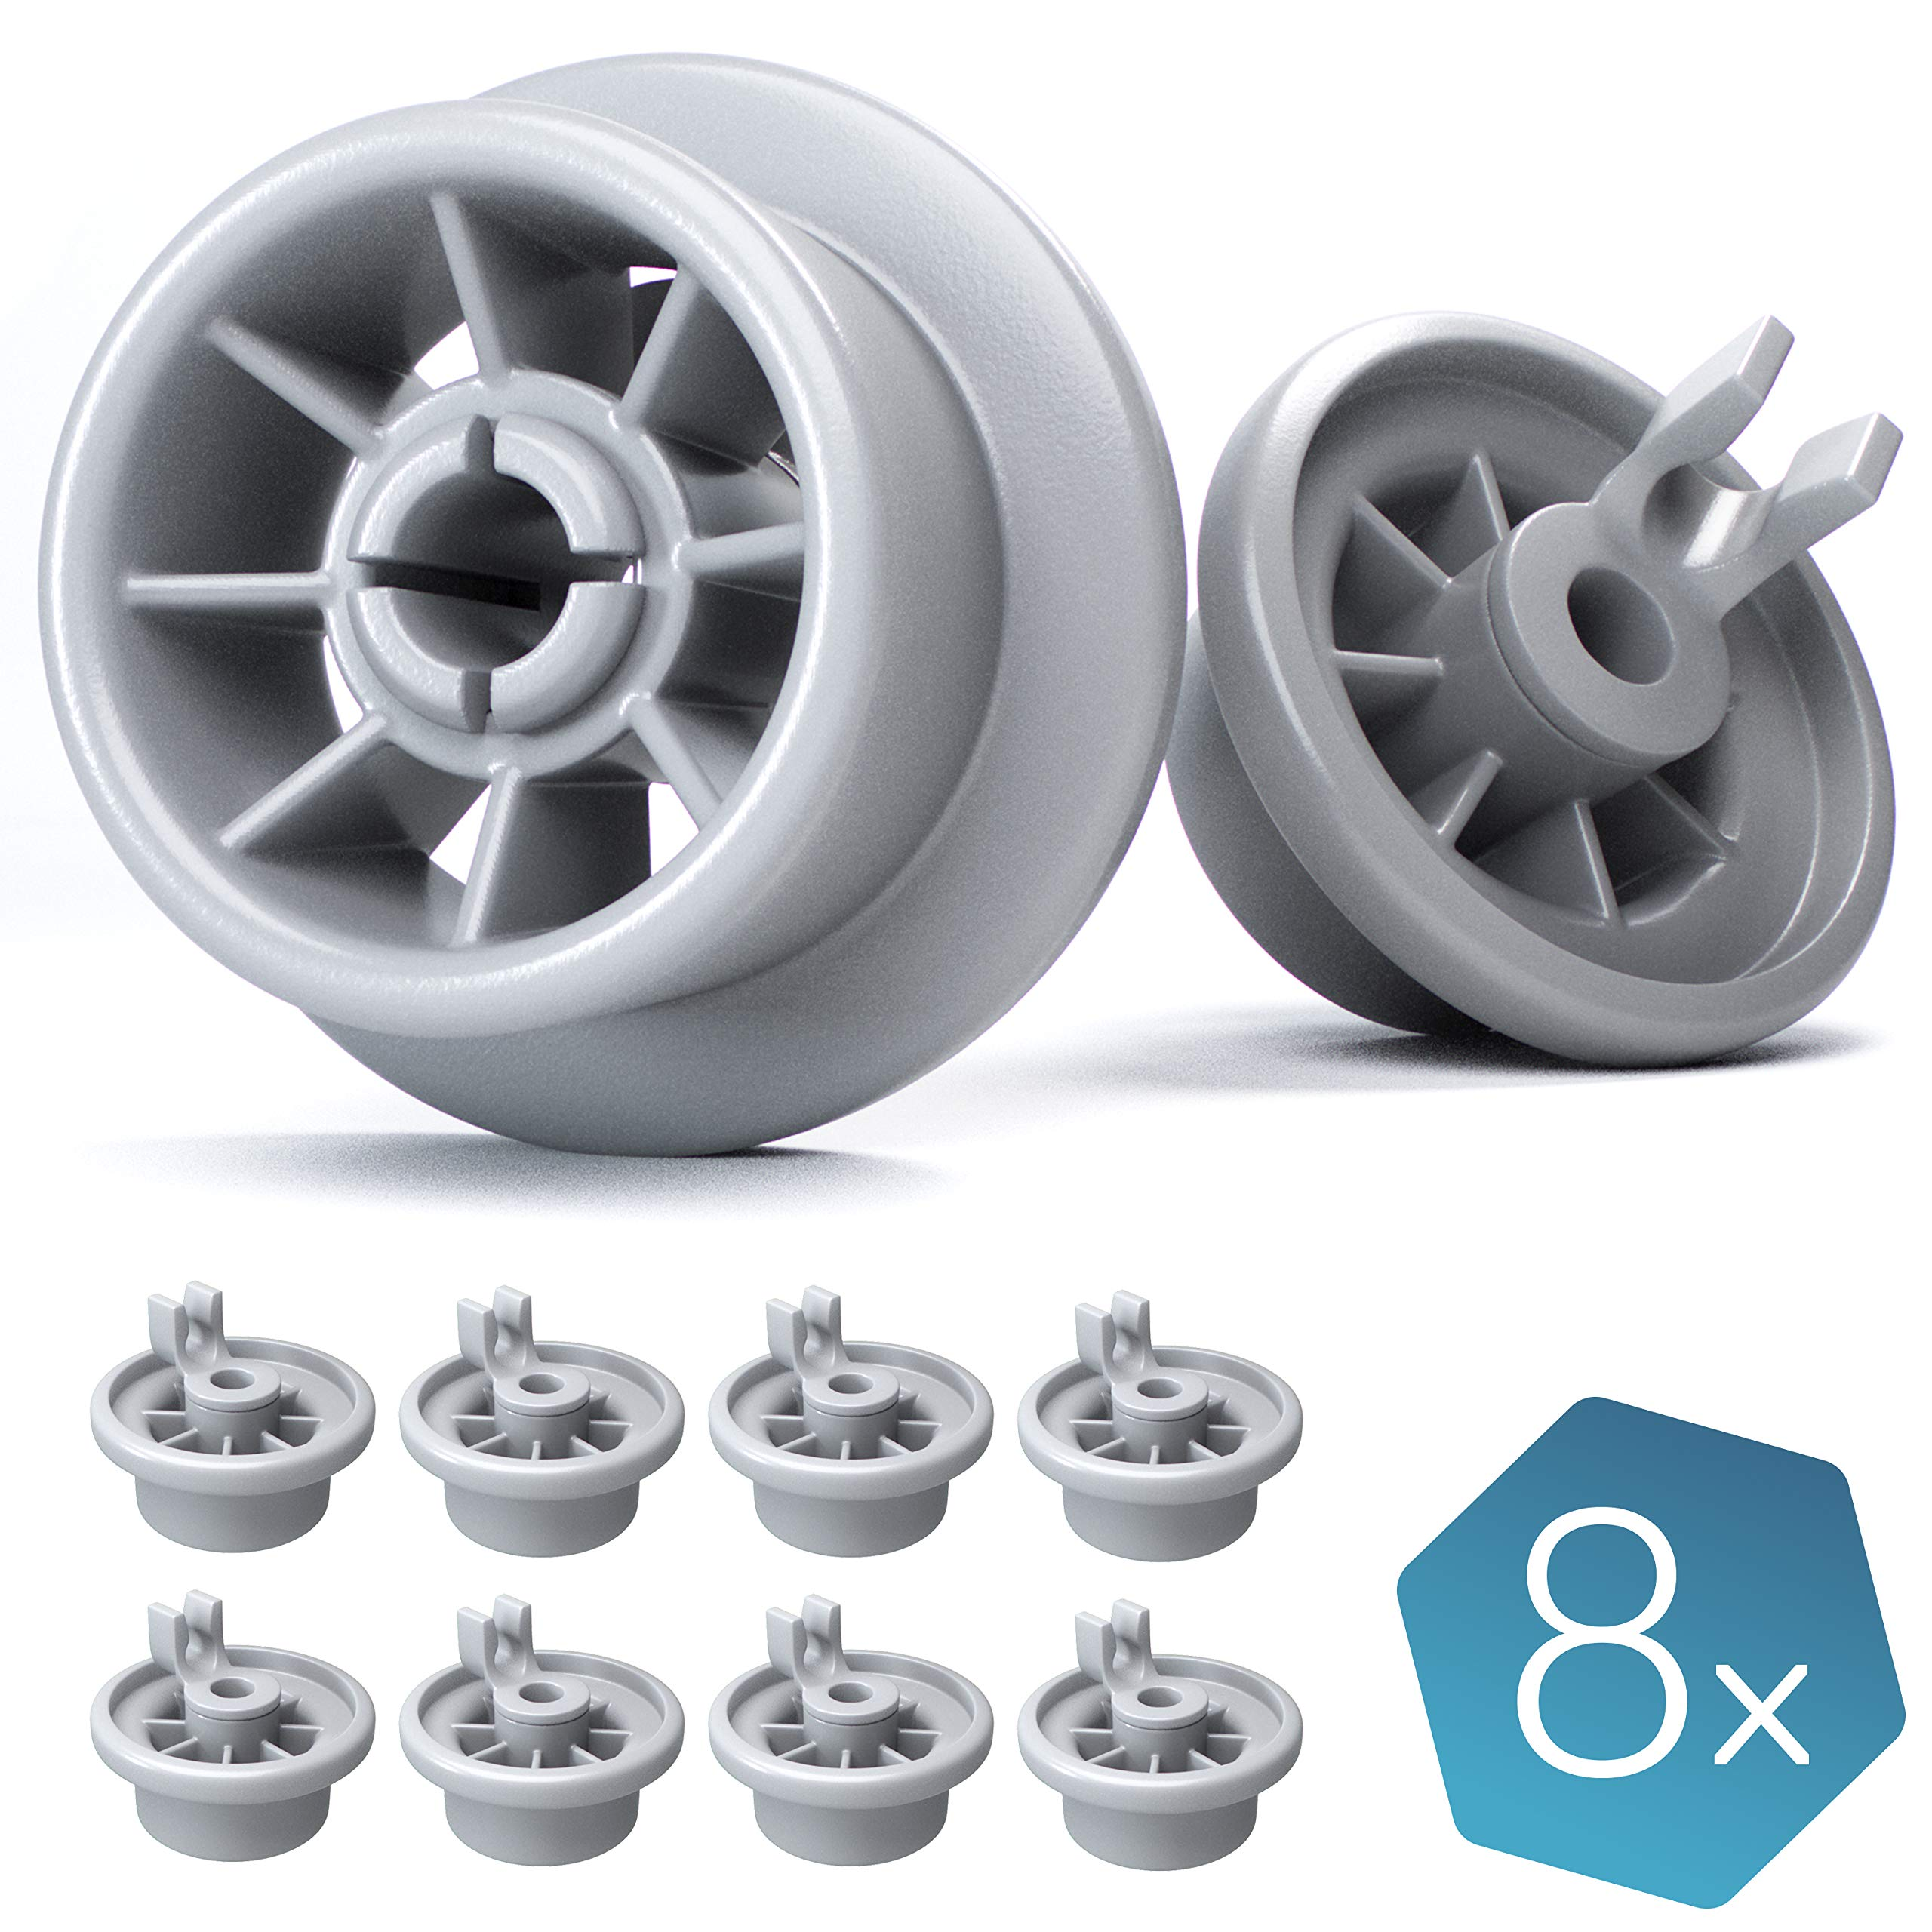 Genuine Part Number 611475 SMS68M02AU23 SMS63M08AU4 Bosch Neff Dishwasher Wheel